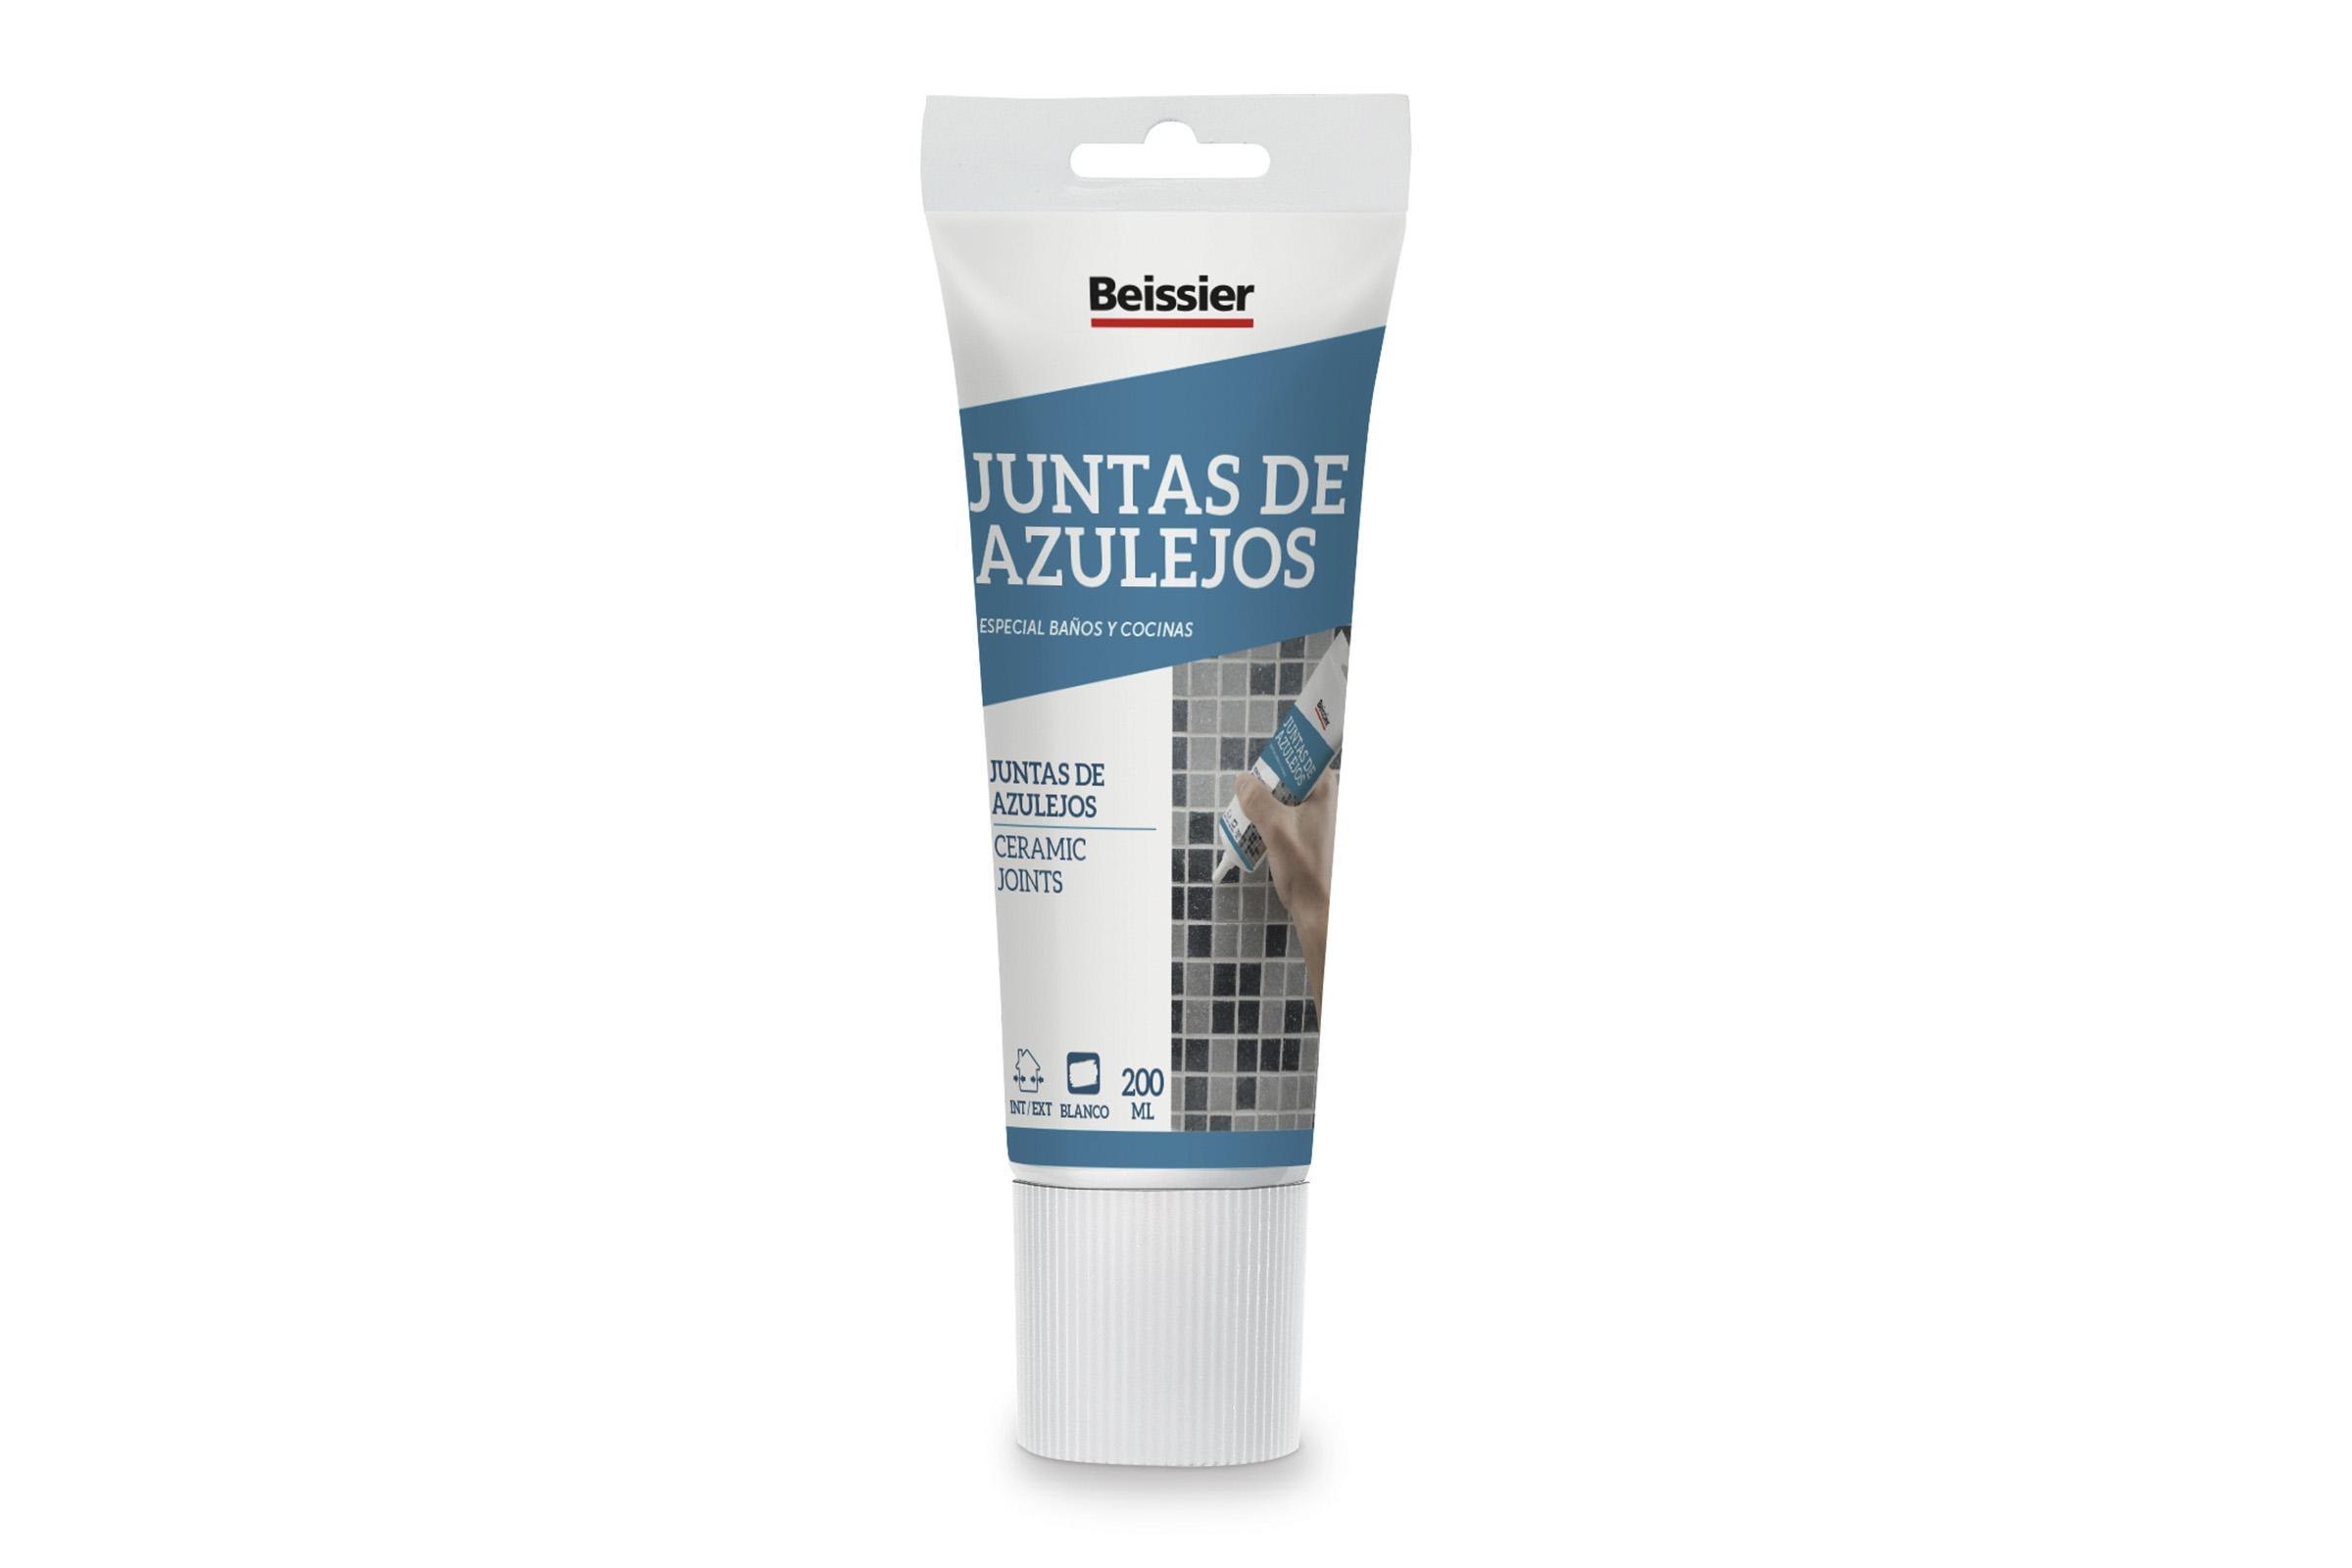 aguaplast-junta-azulejos